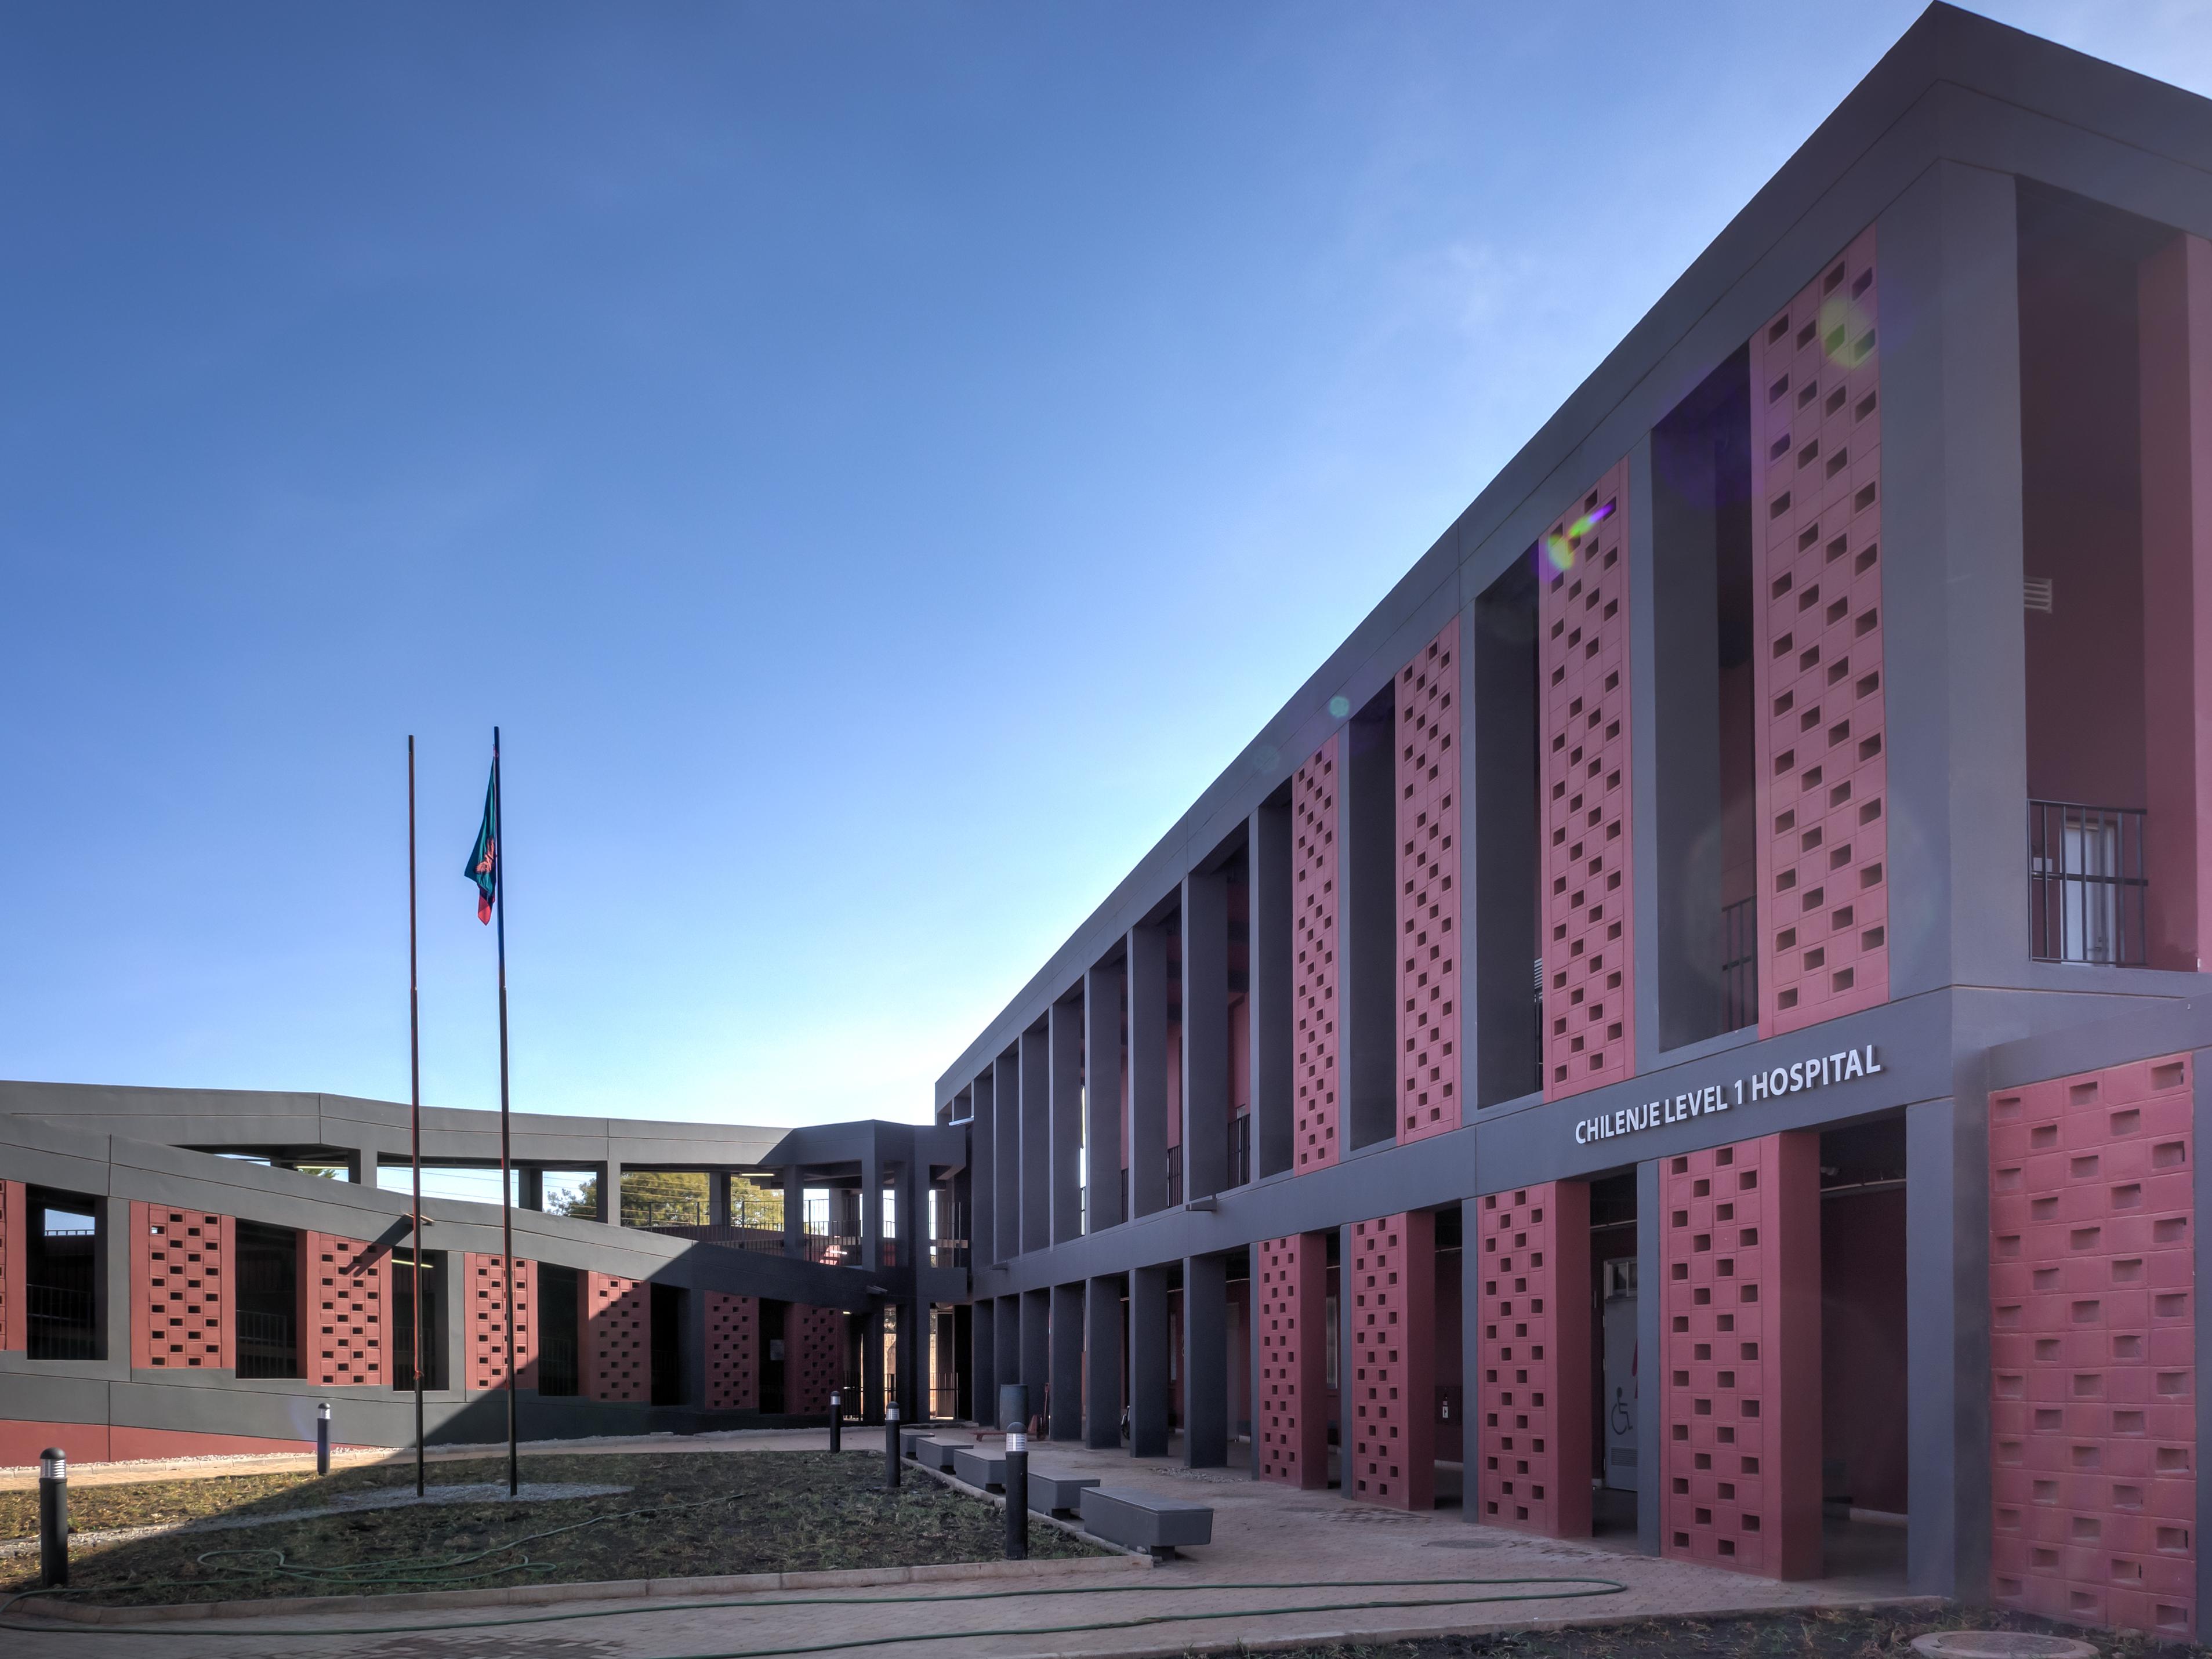 ザンビア国 マテロ一次レベル病院・チレンジェ一次レベル病院